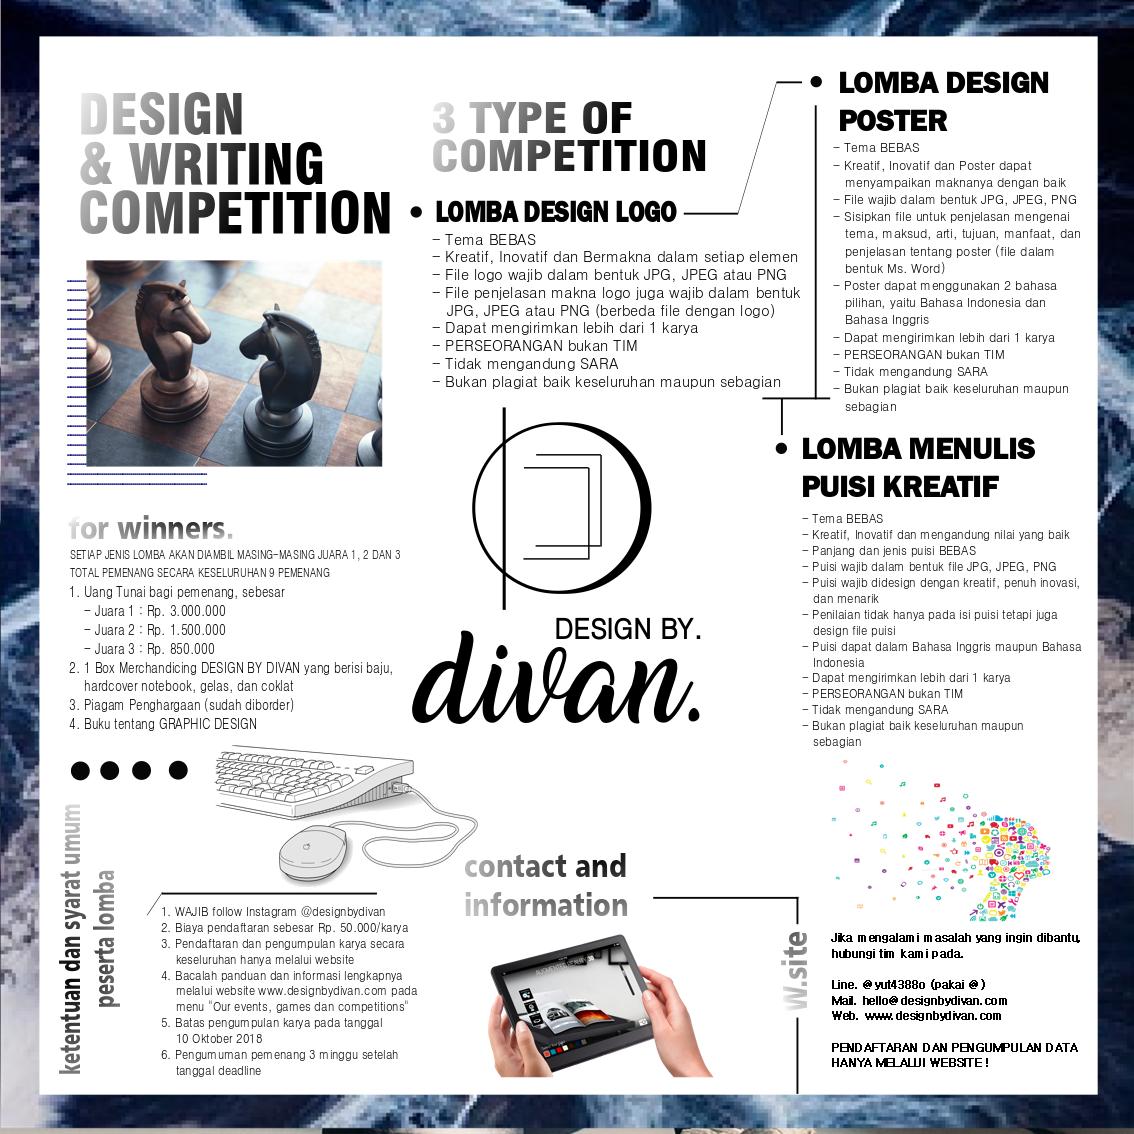 820+ Ide Lomba Desain Logo Internasional 2018 HD Terbaru Yang Bisa Anda Tiru